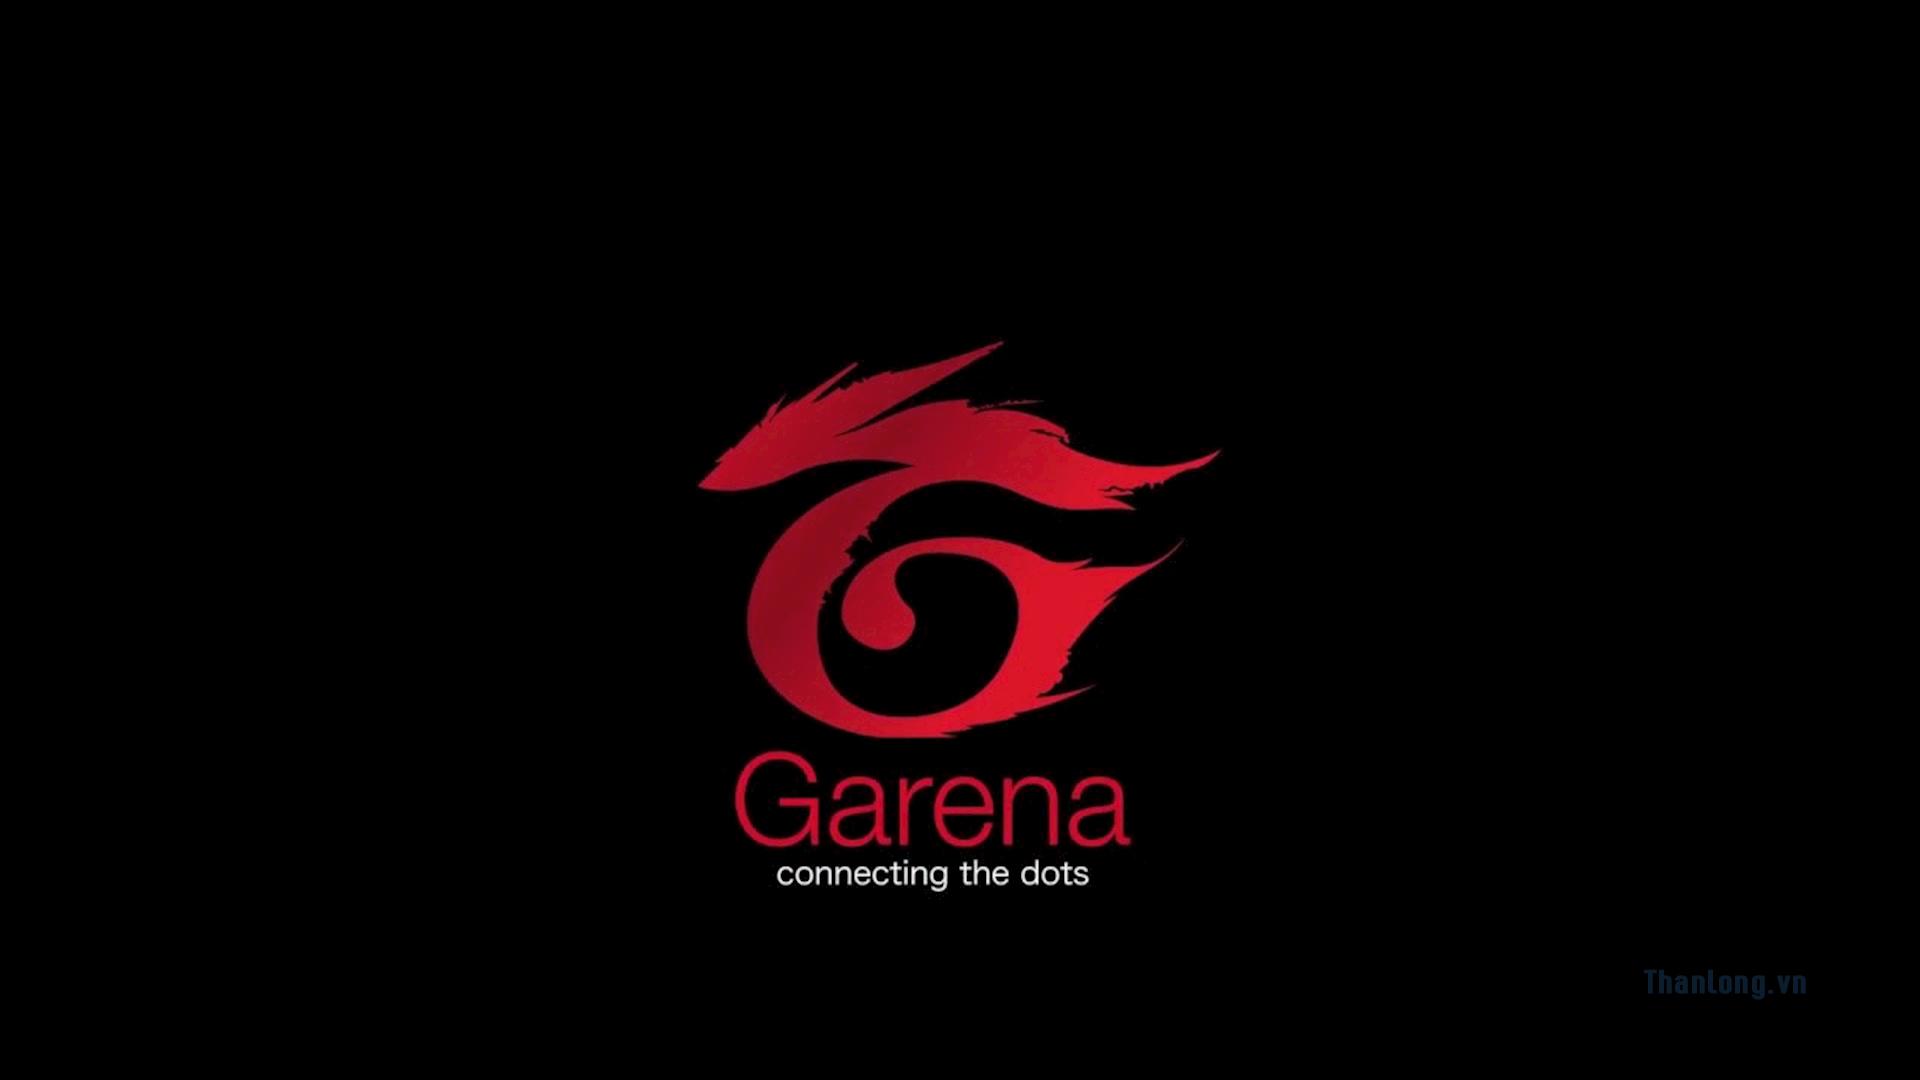 Garena là nhà phát hành các game thể thao điện tử tại Việt Nam